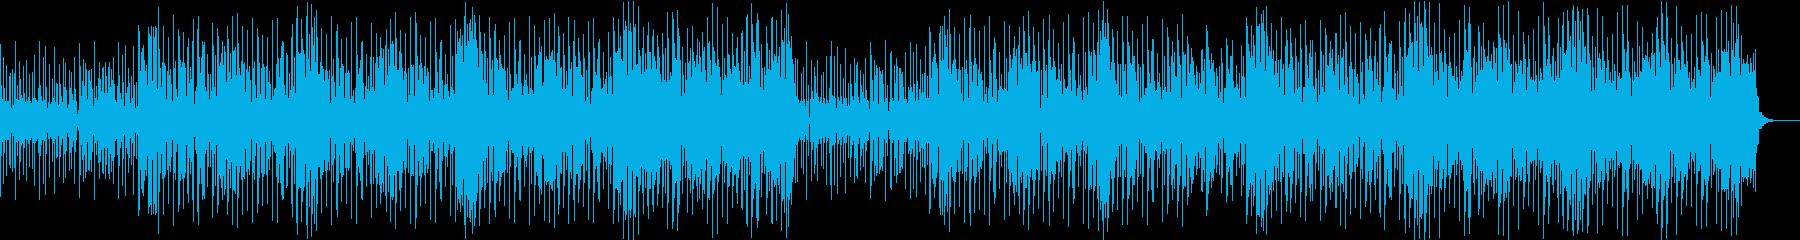 明るく軽快でノリがいいディスコ、ファンクの再生済みの波形